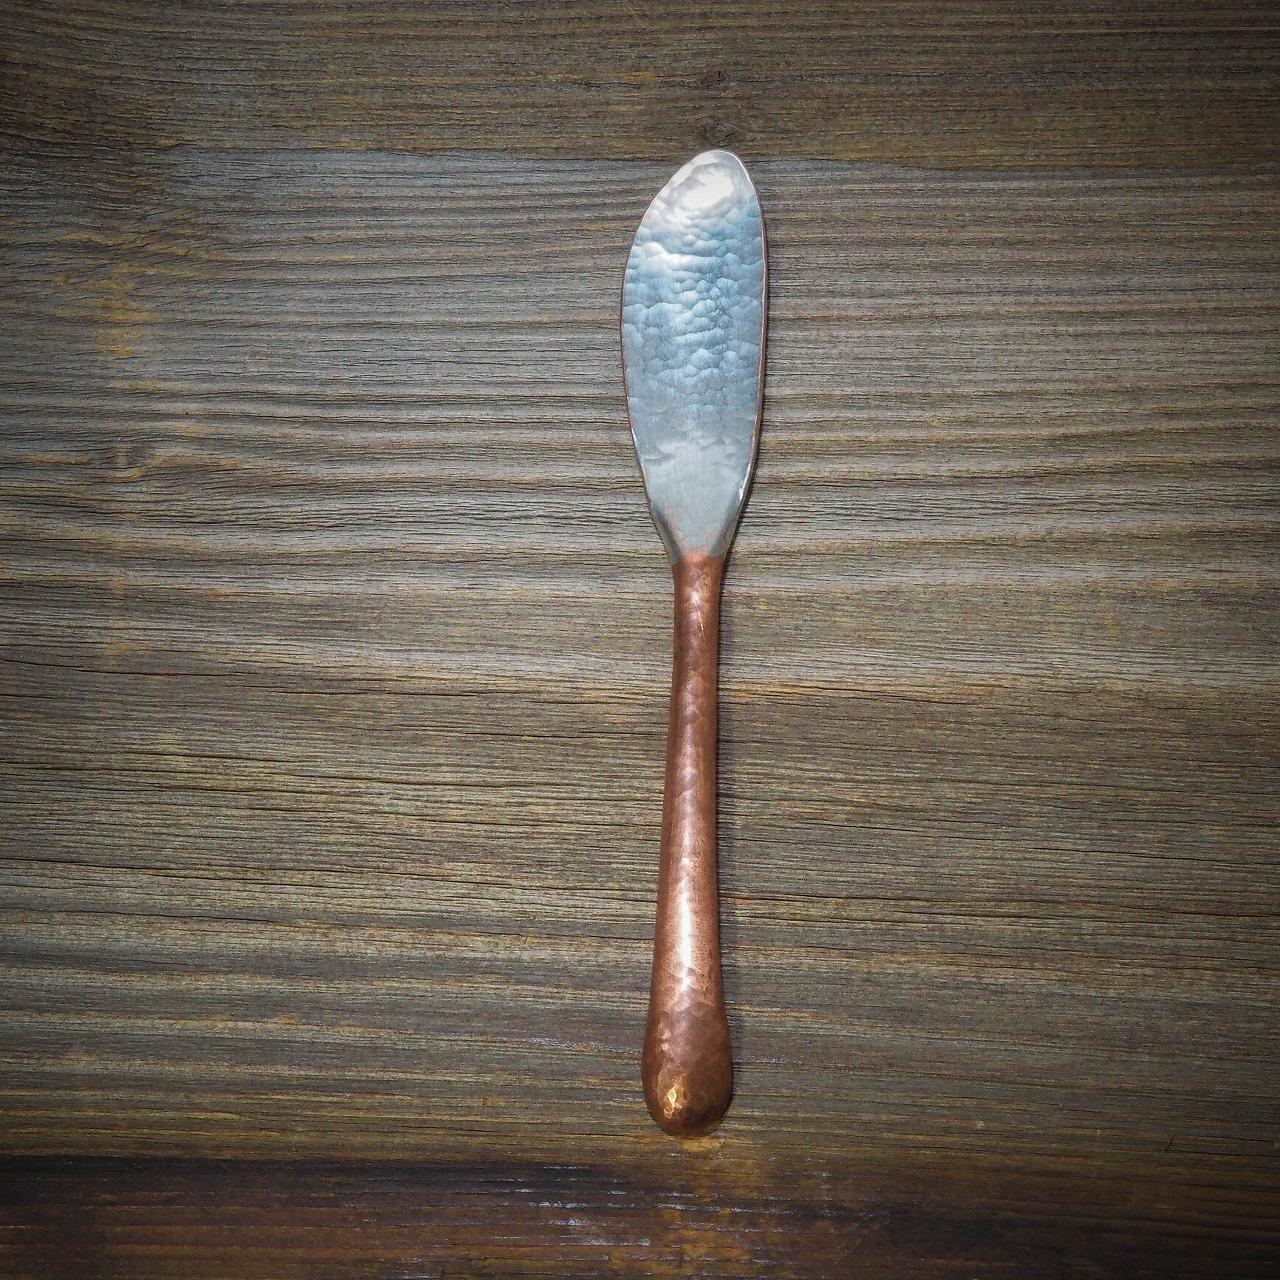 工房ゆり介 バターナイフ A 【銅 鍛金】